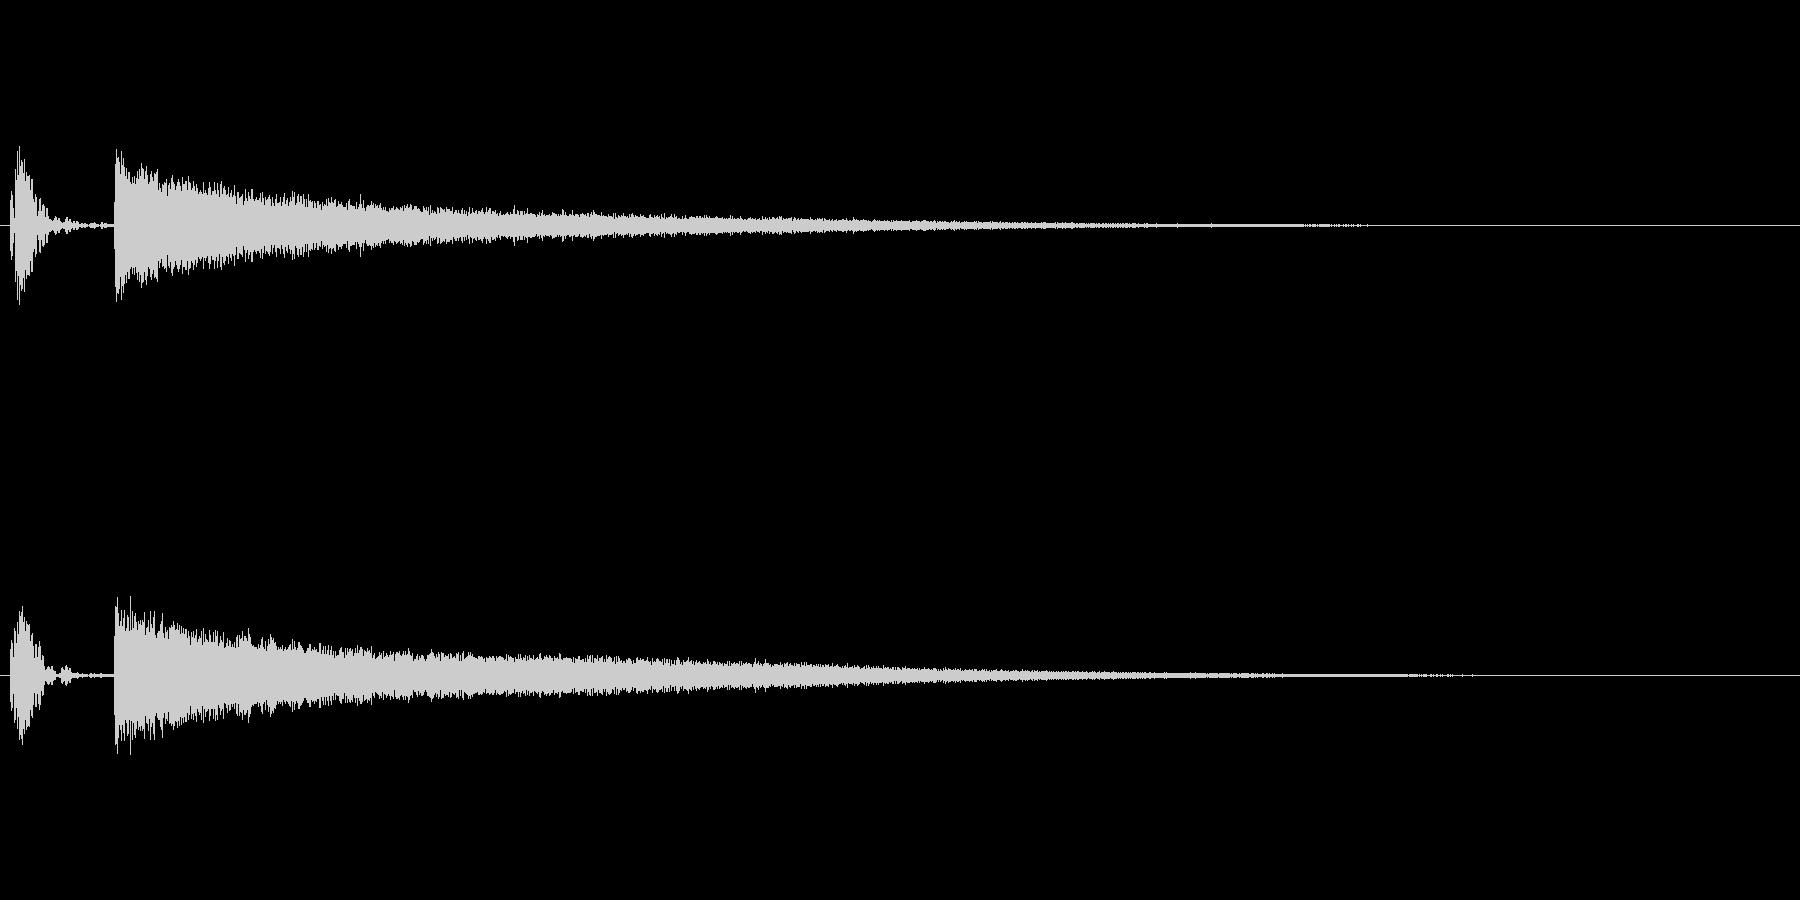 びっくり・図星をつかれた際の効果音の未再生の波形